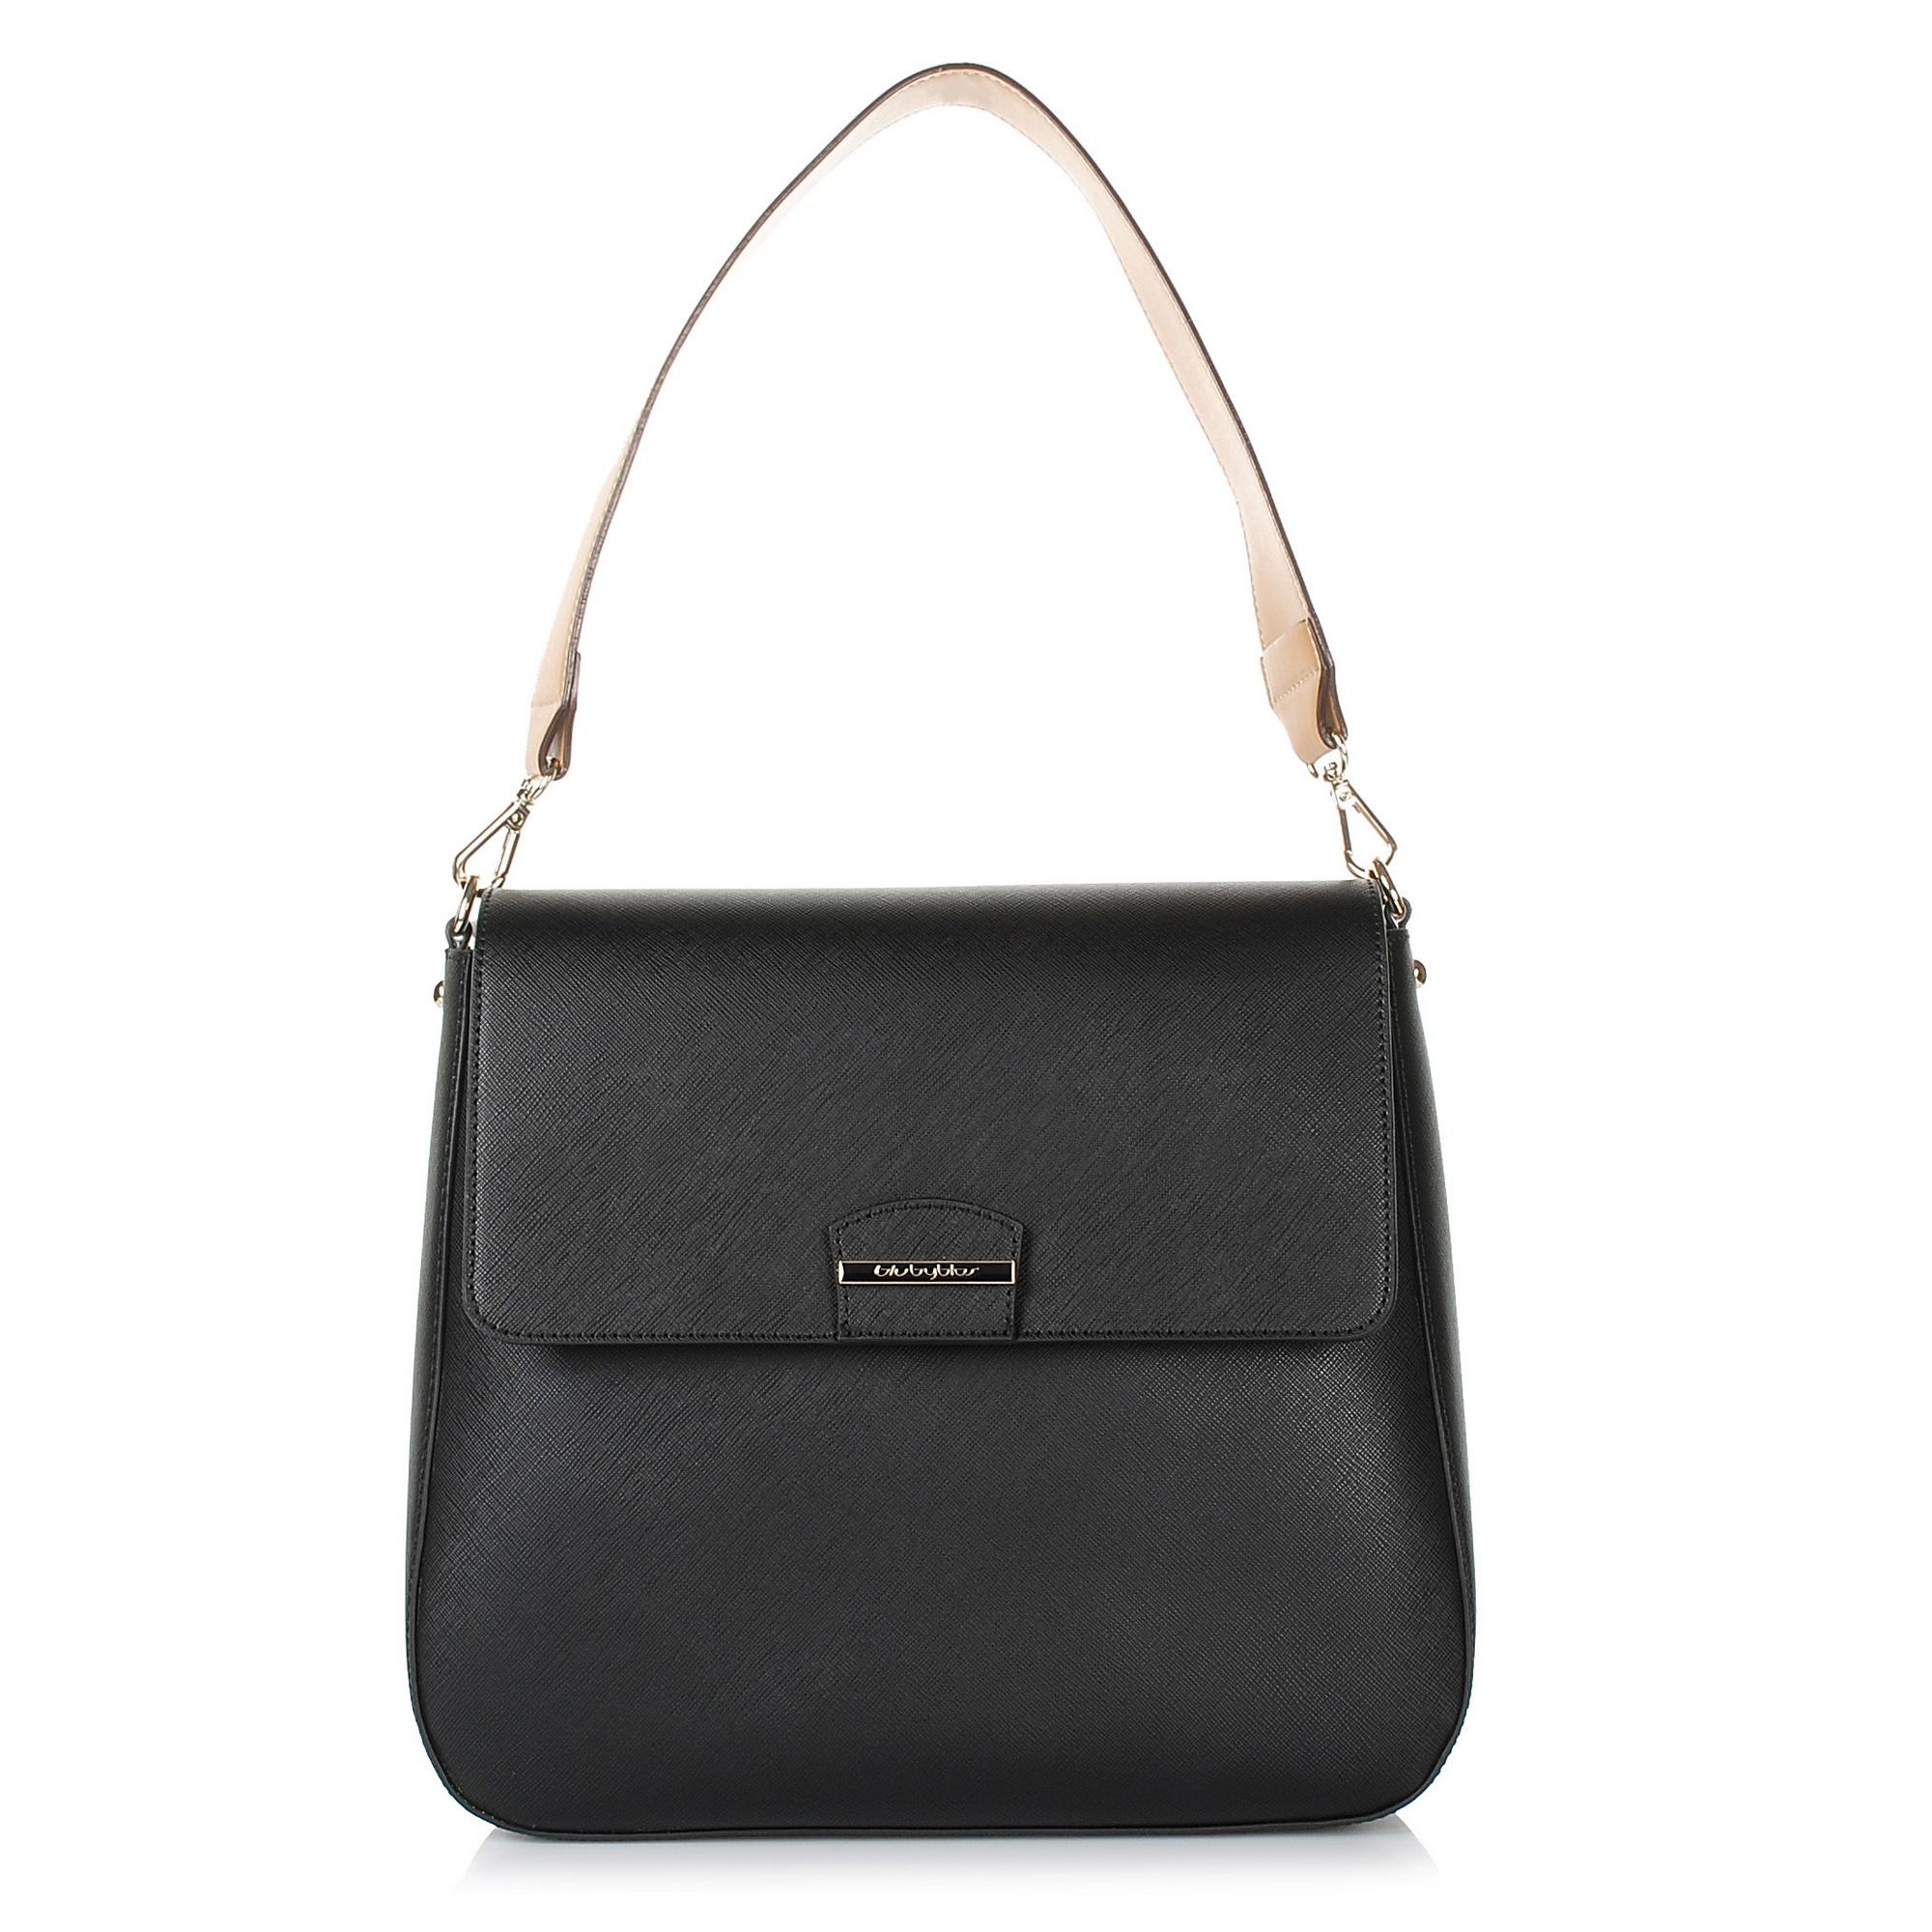 Τσάντα Ώμου Blu Byblos Patta.Ladybug 680415